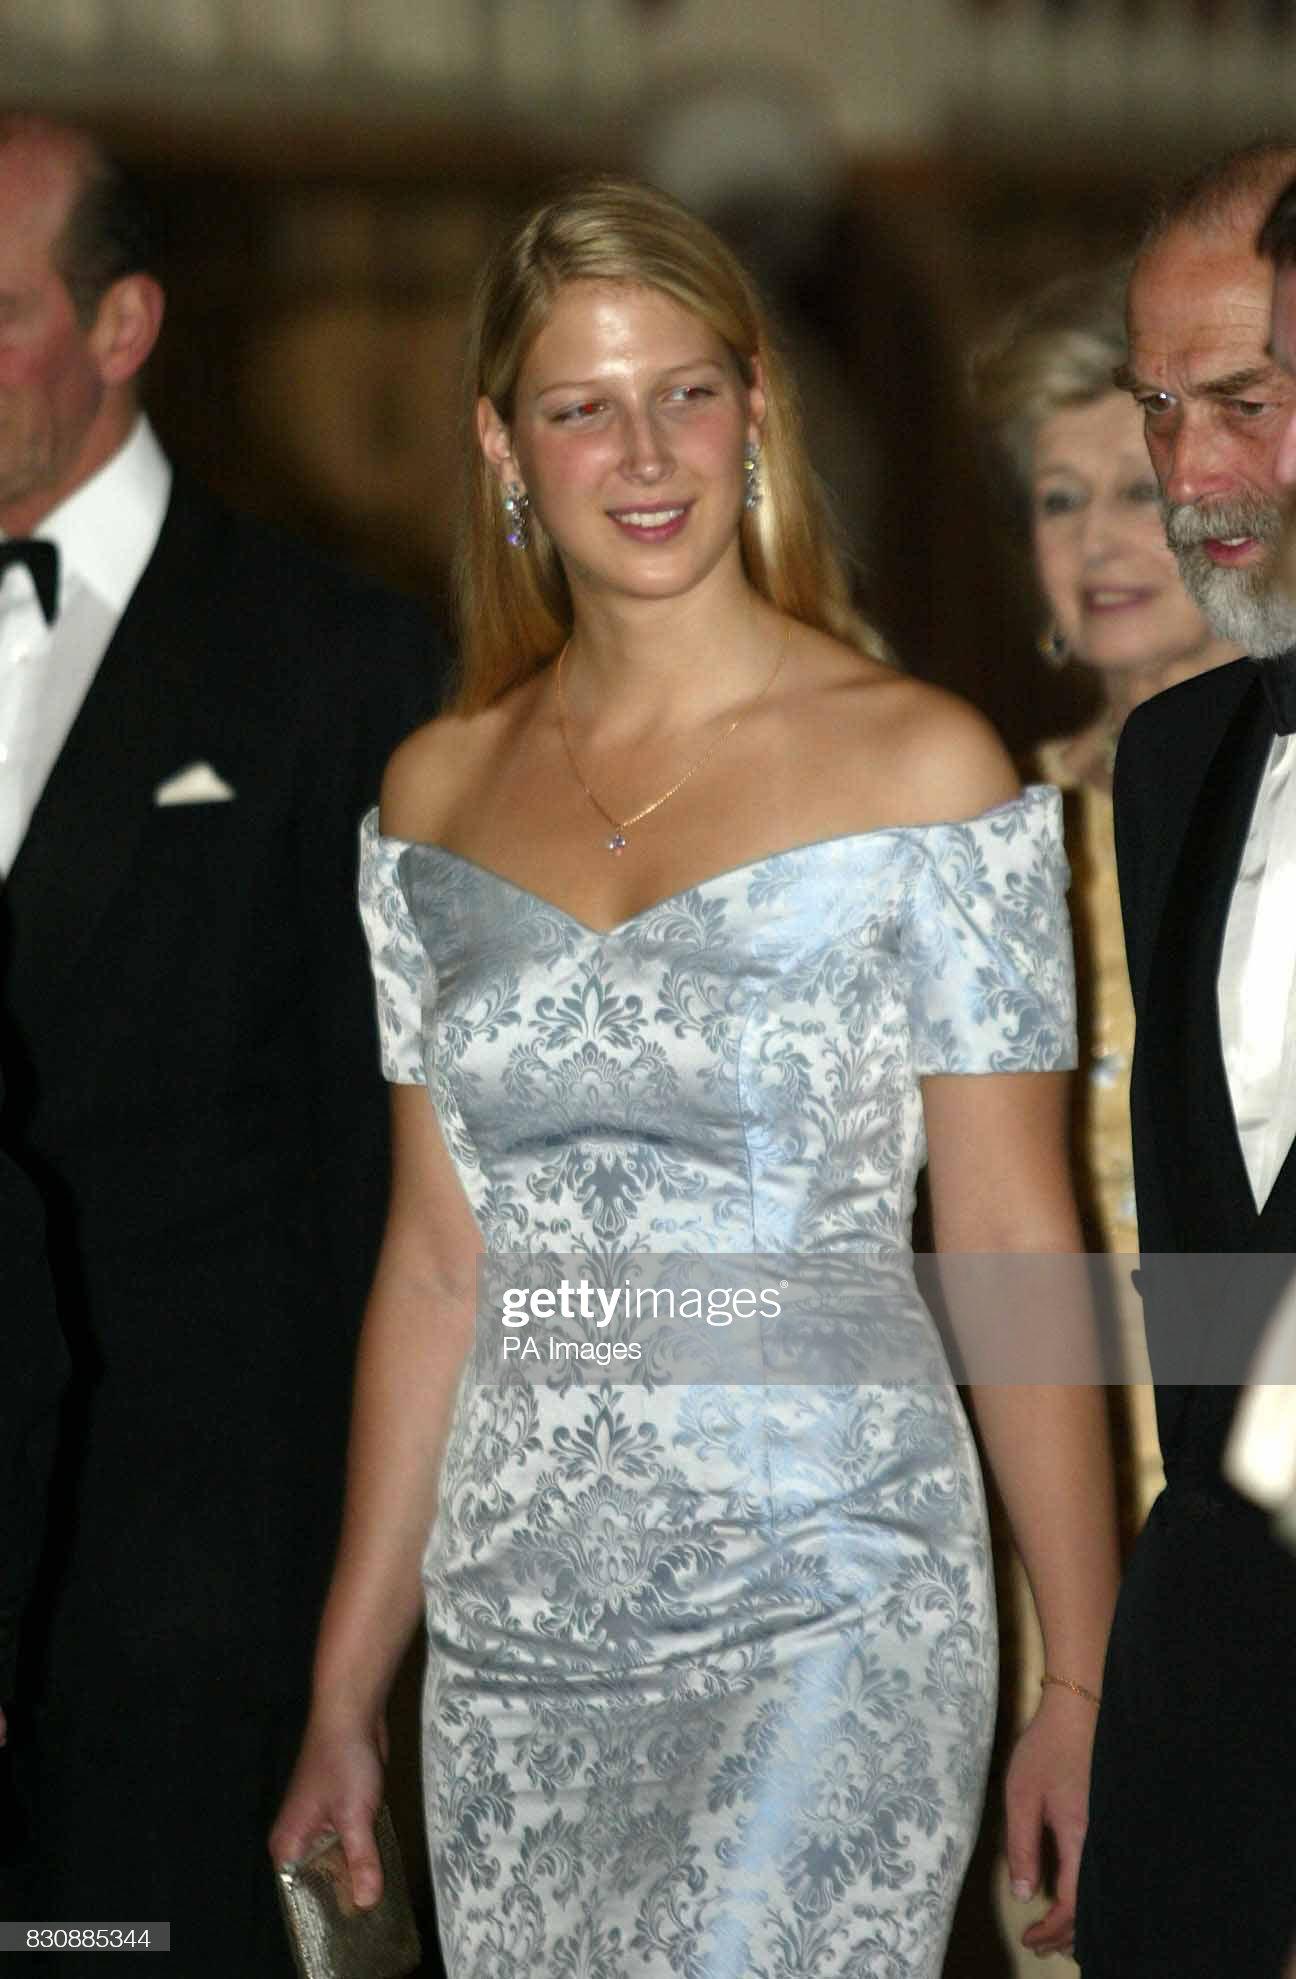 Royalty - Queen Elizabeth II Golden Jubilee : News Photo